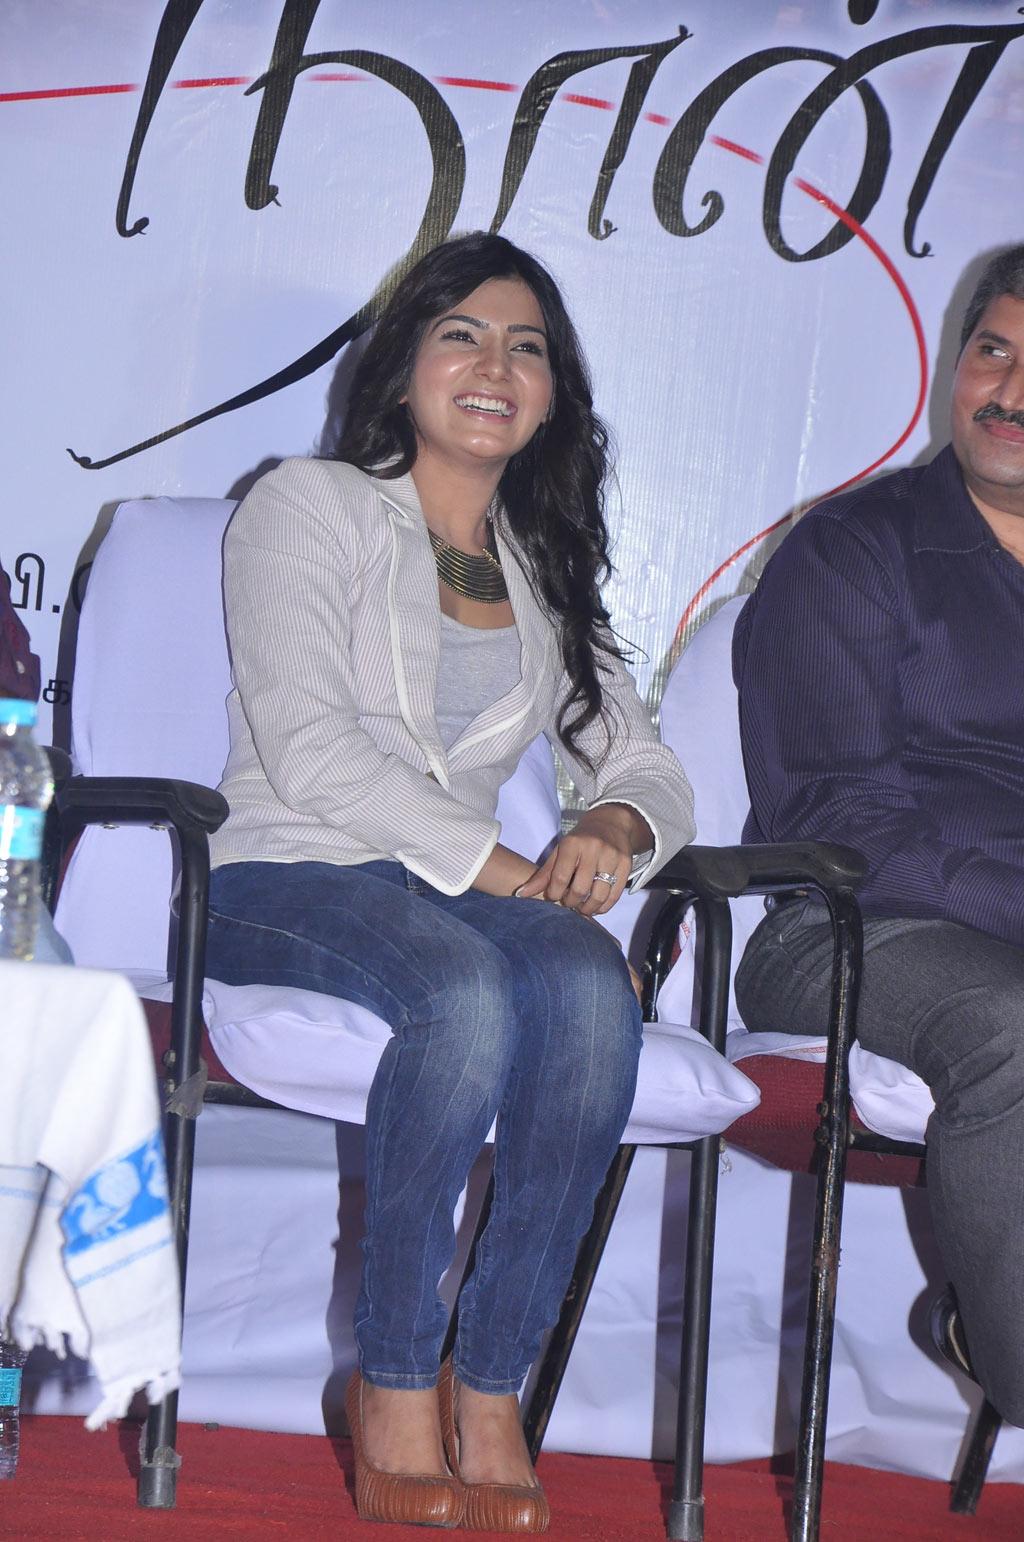 http://1.bp.blogspot.com/-zHQ4dWW2VI4/T0KFiSzPWxI/AAAAAAAADJU/znP20zLEm00/s1600/Samantha-At-Naan-Ee-Movie-Press-Meet-5.jpg